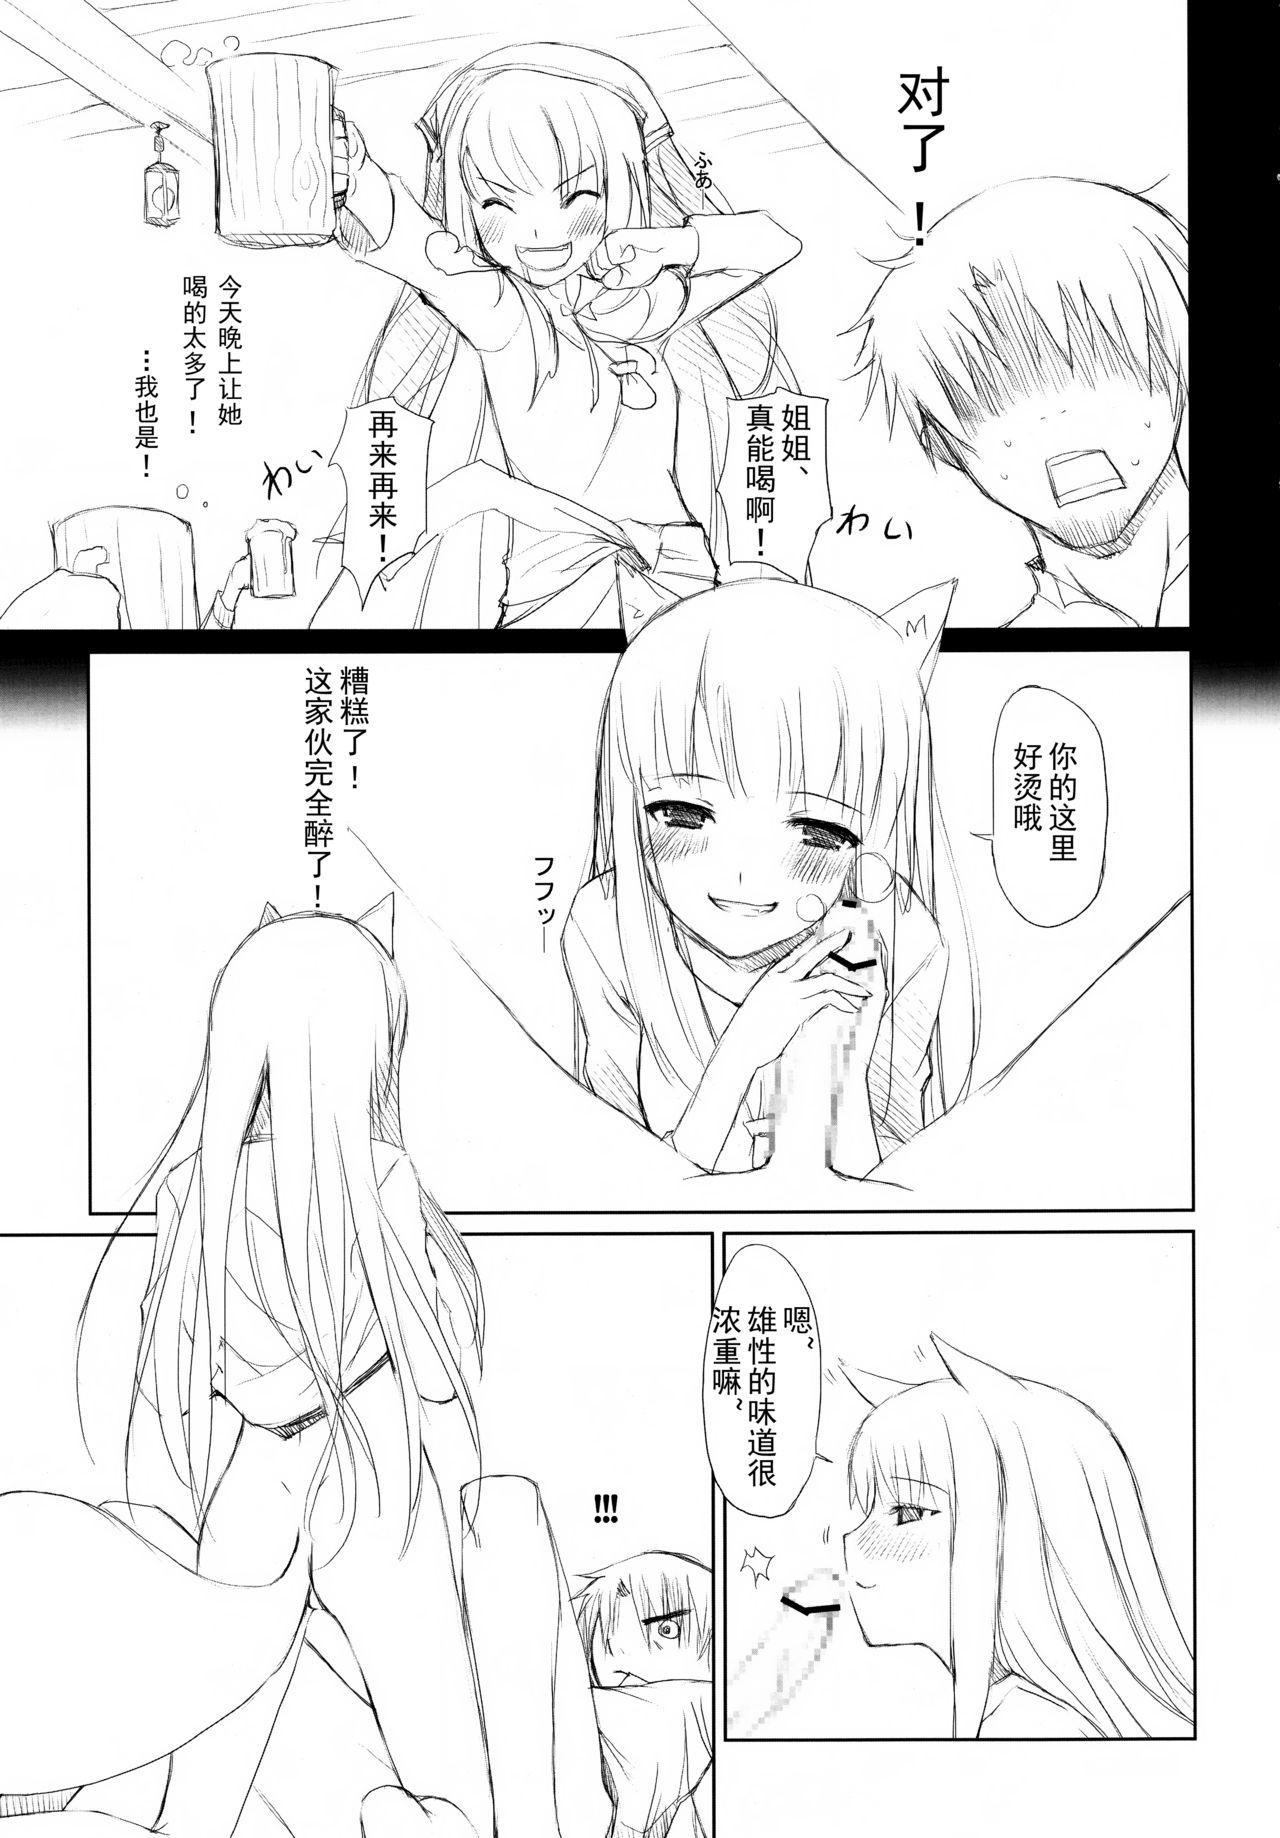 Ookami to Gekishinryou 5